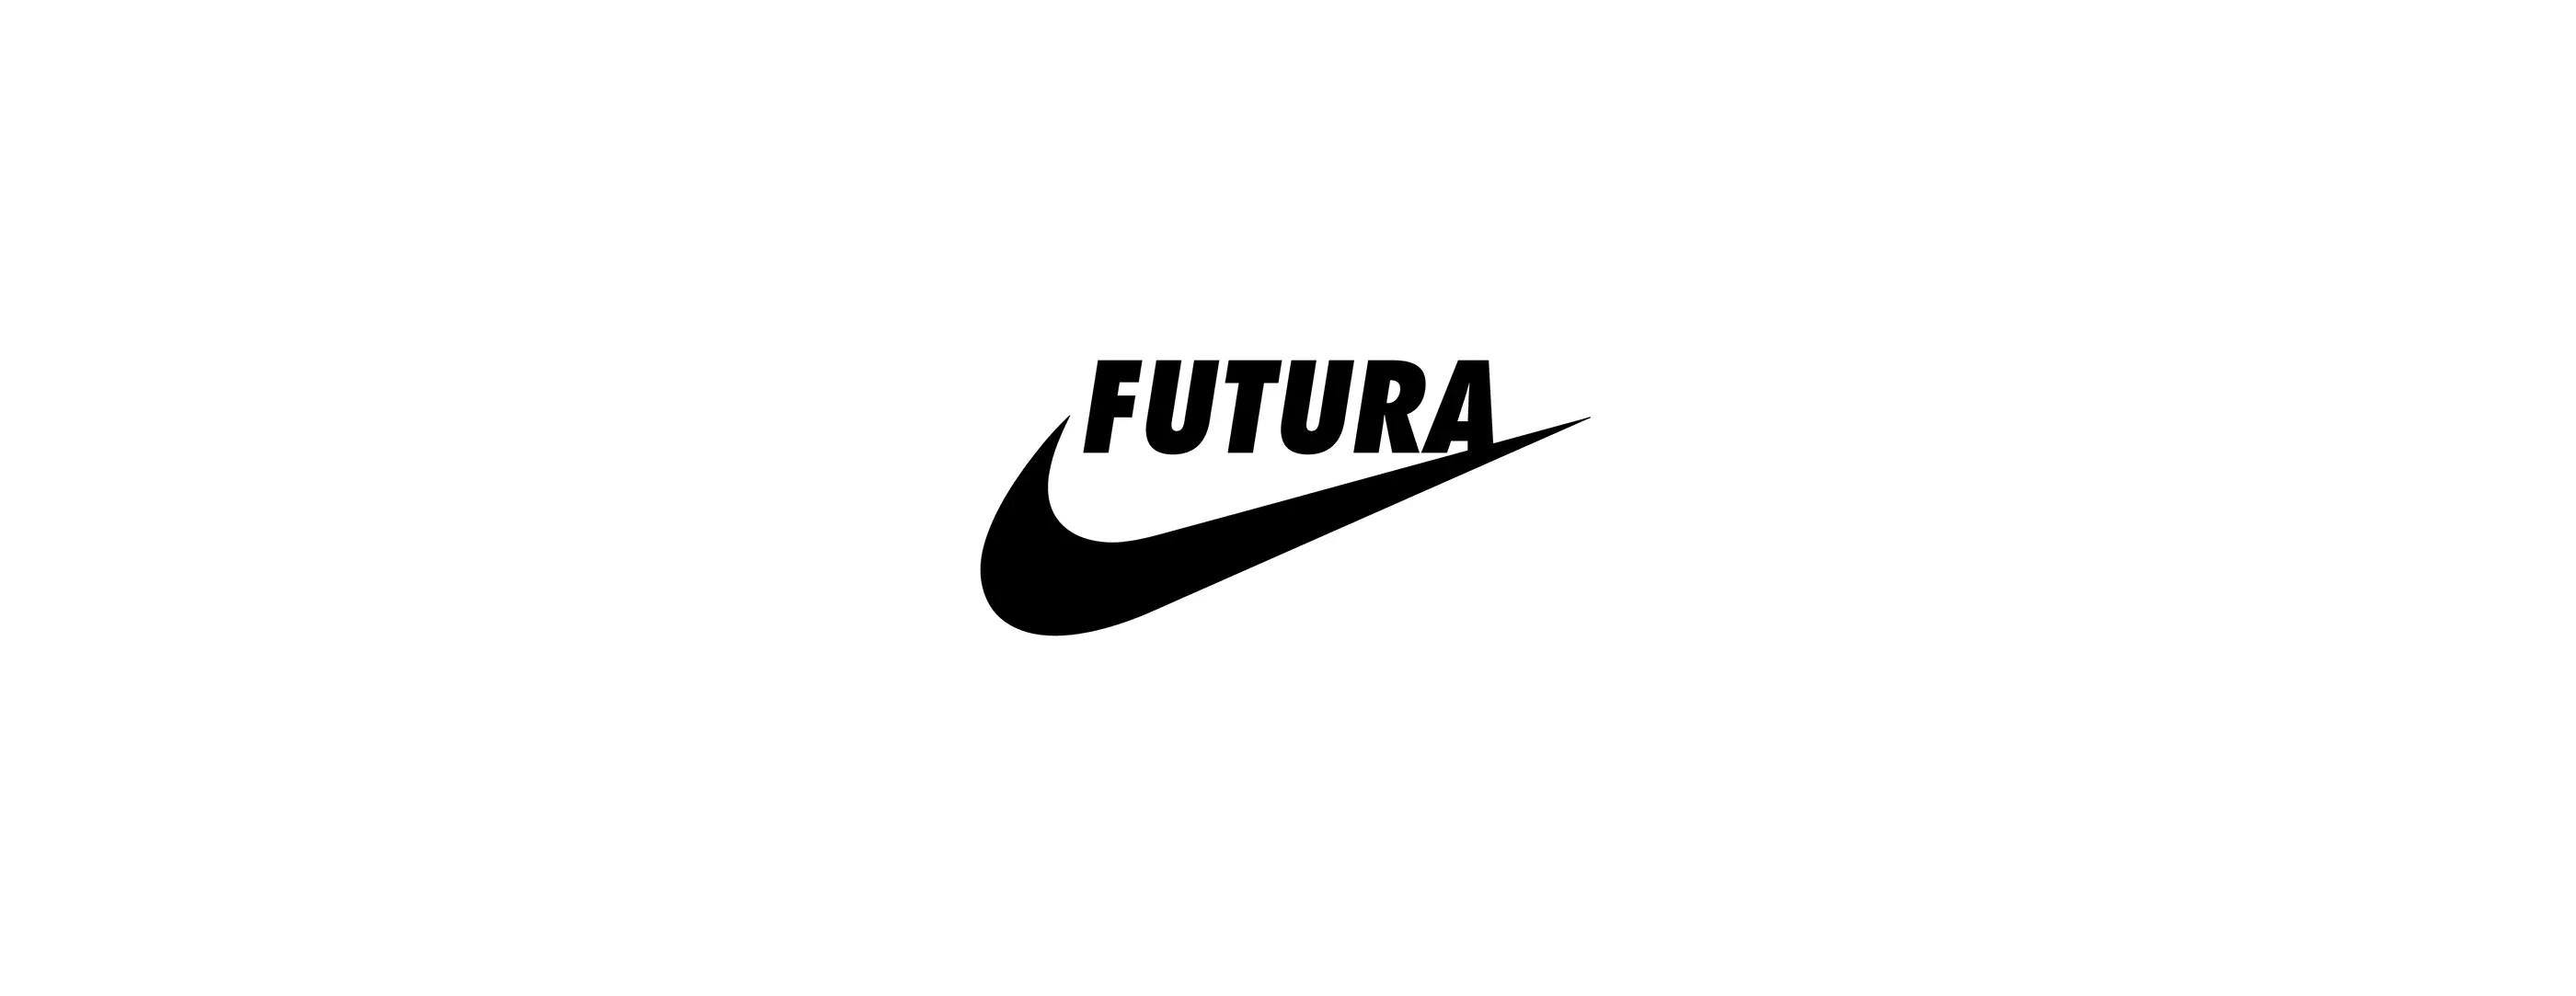 wersm-logo-font-nike-futura